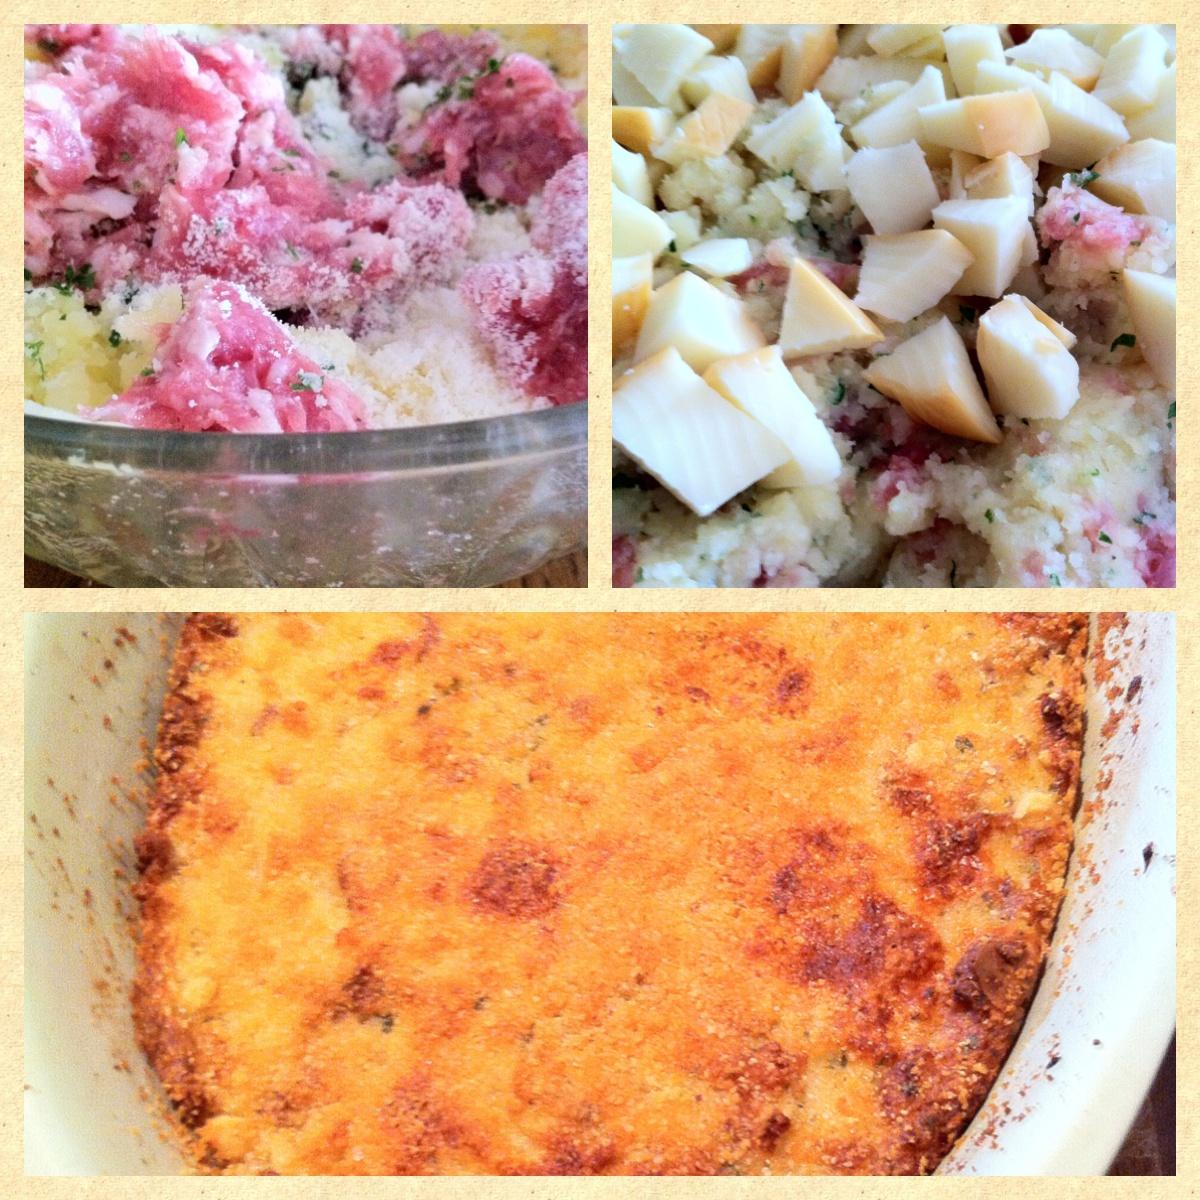 torta-patate-e-salsiccia-messeri-2.JPG